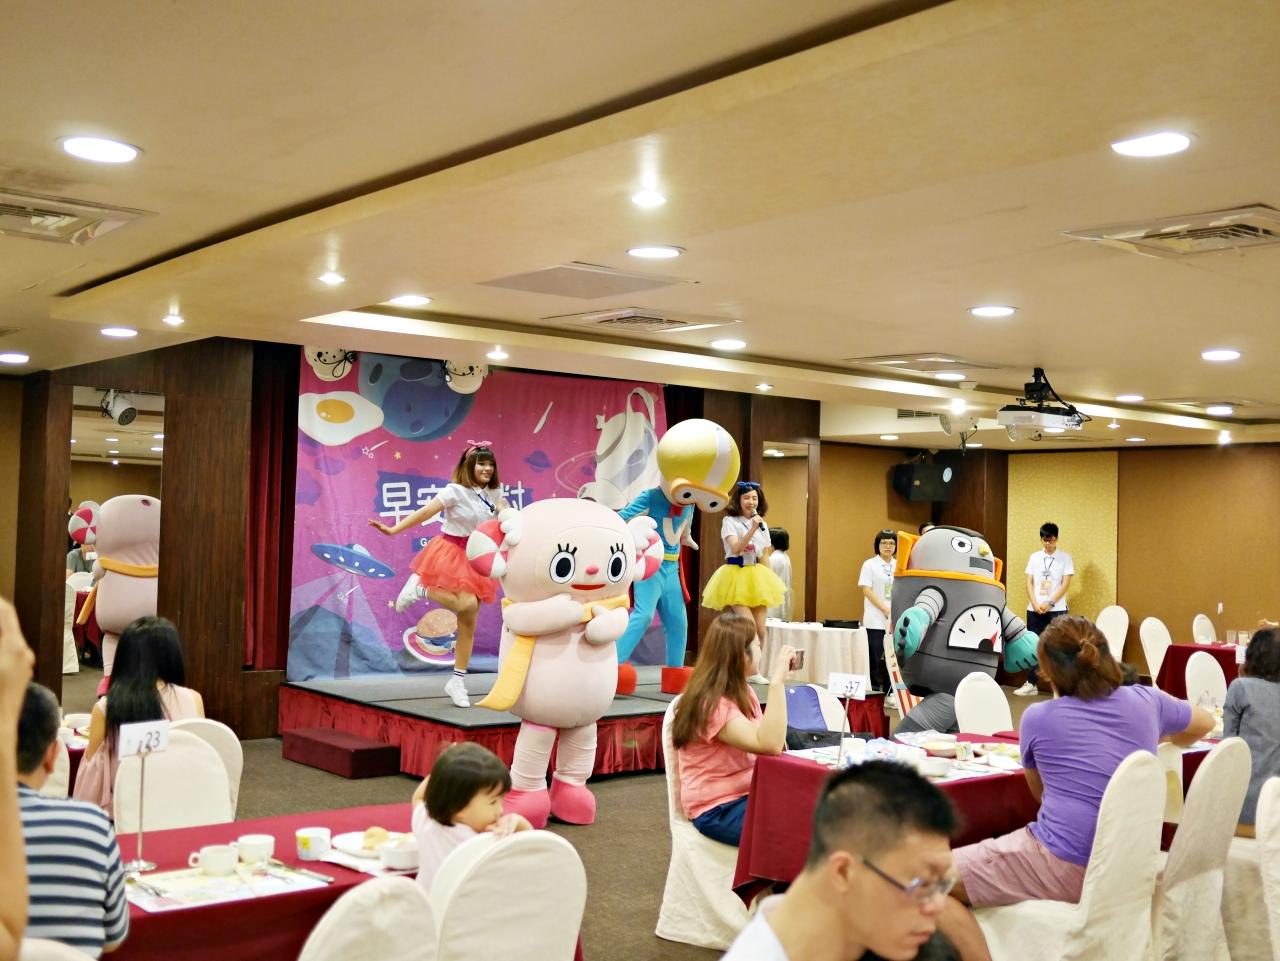 新竹住宿推薦:煙波大飯店(湖濱館)適合親子旅遊渡假,飯店內超多兒童設施,有大人泳池和兒童池